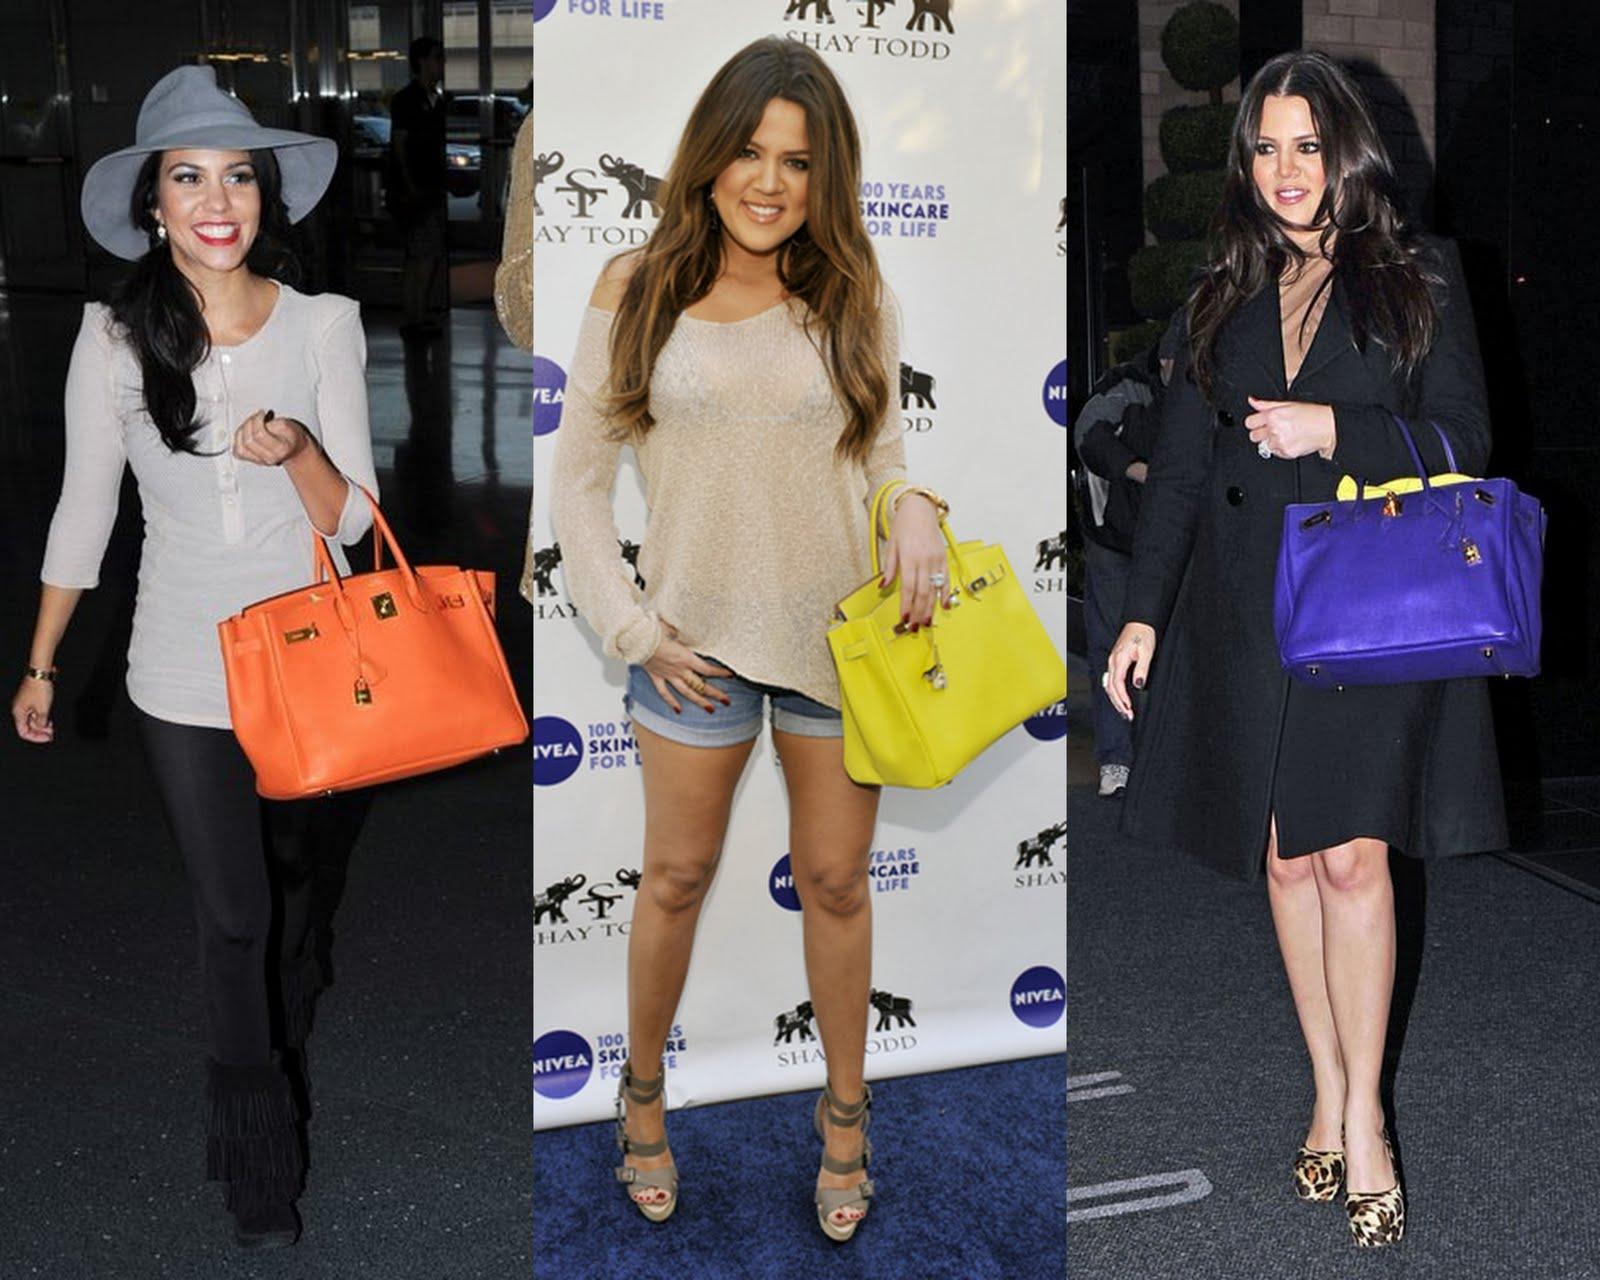 http://2.bp.blogspot.com/-2LaIIPQRVTE/UDrs_1gCOXI/AAAAAAAACaM/cjjiezCKw44/s1600/kardashian+birkin.jpg